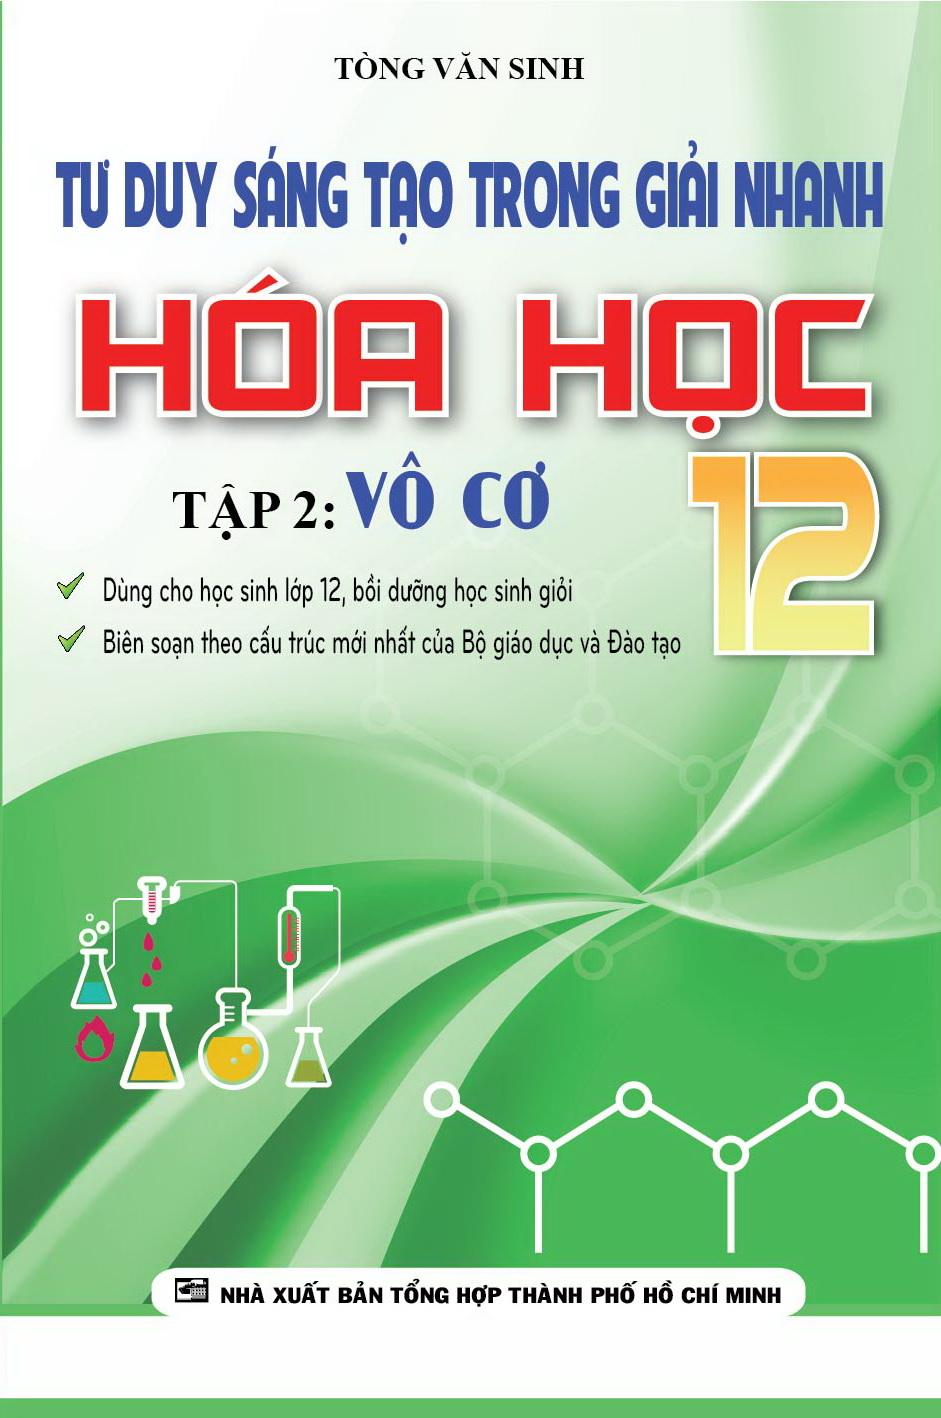 Tư Duy Sáng Tạo Trong Giải Nhanh Hóa Học 12 Tập 2 - Vô Cơ - EBOOK/PDF/PRC/EPUB